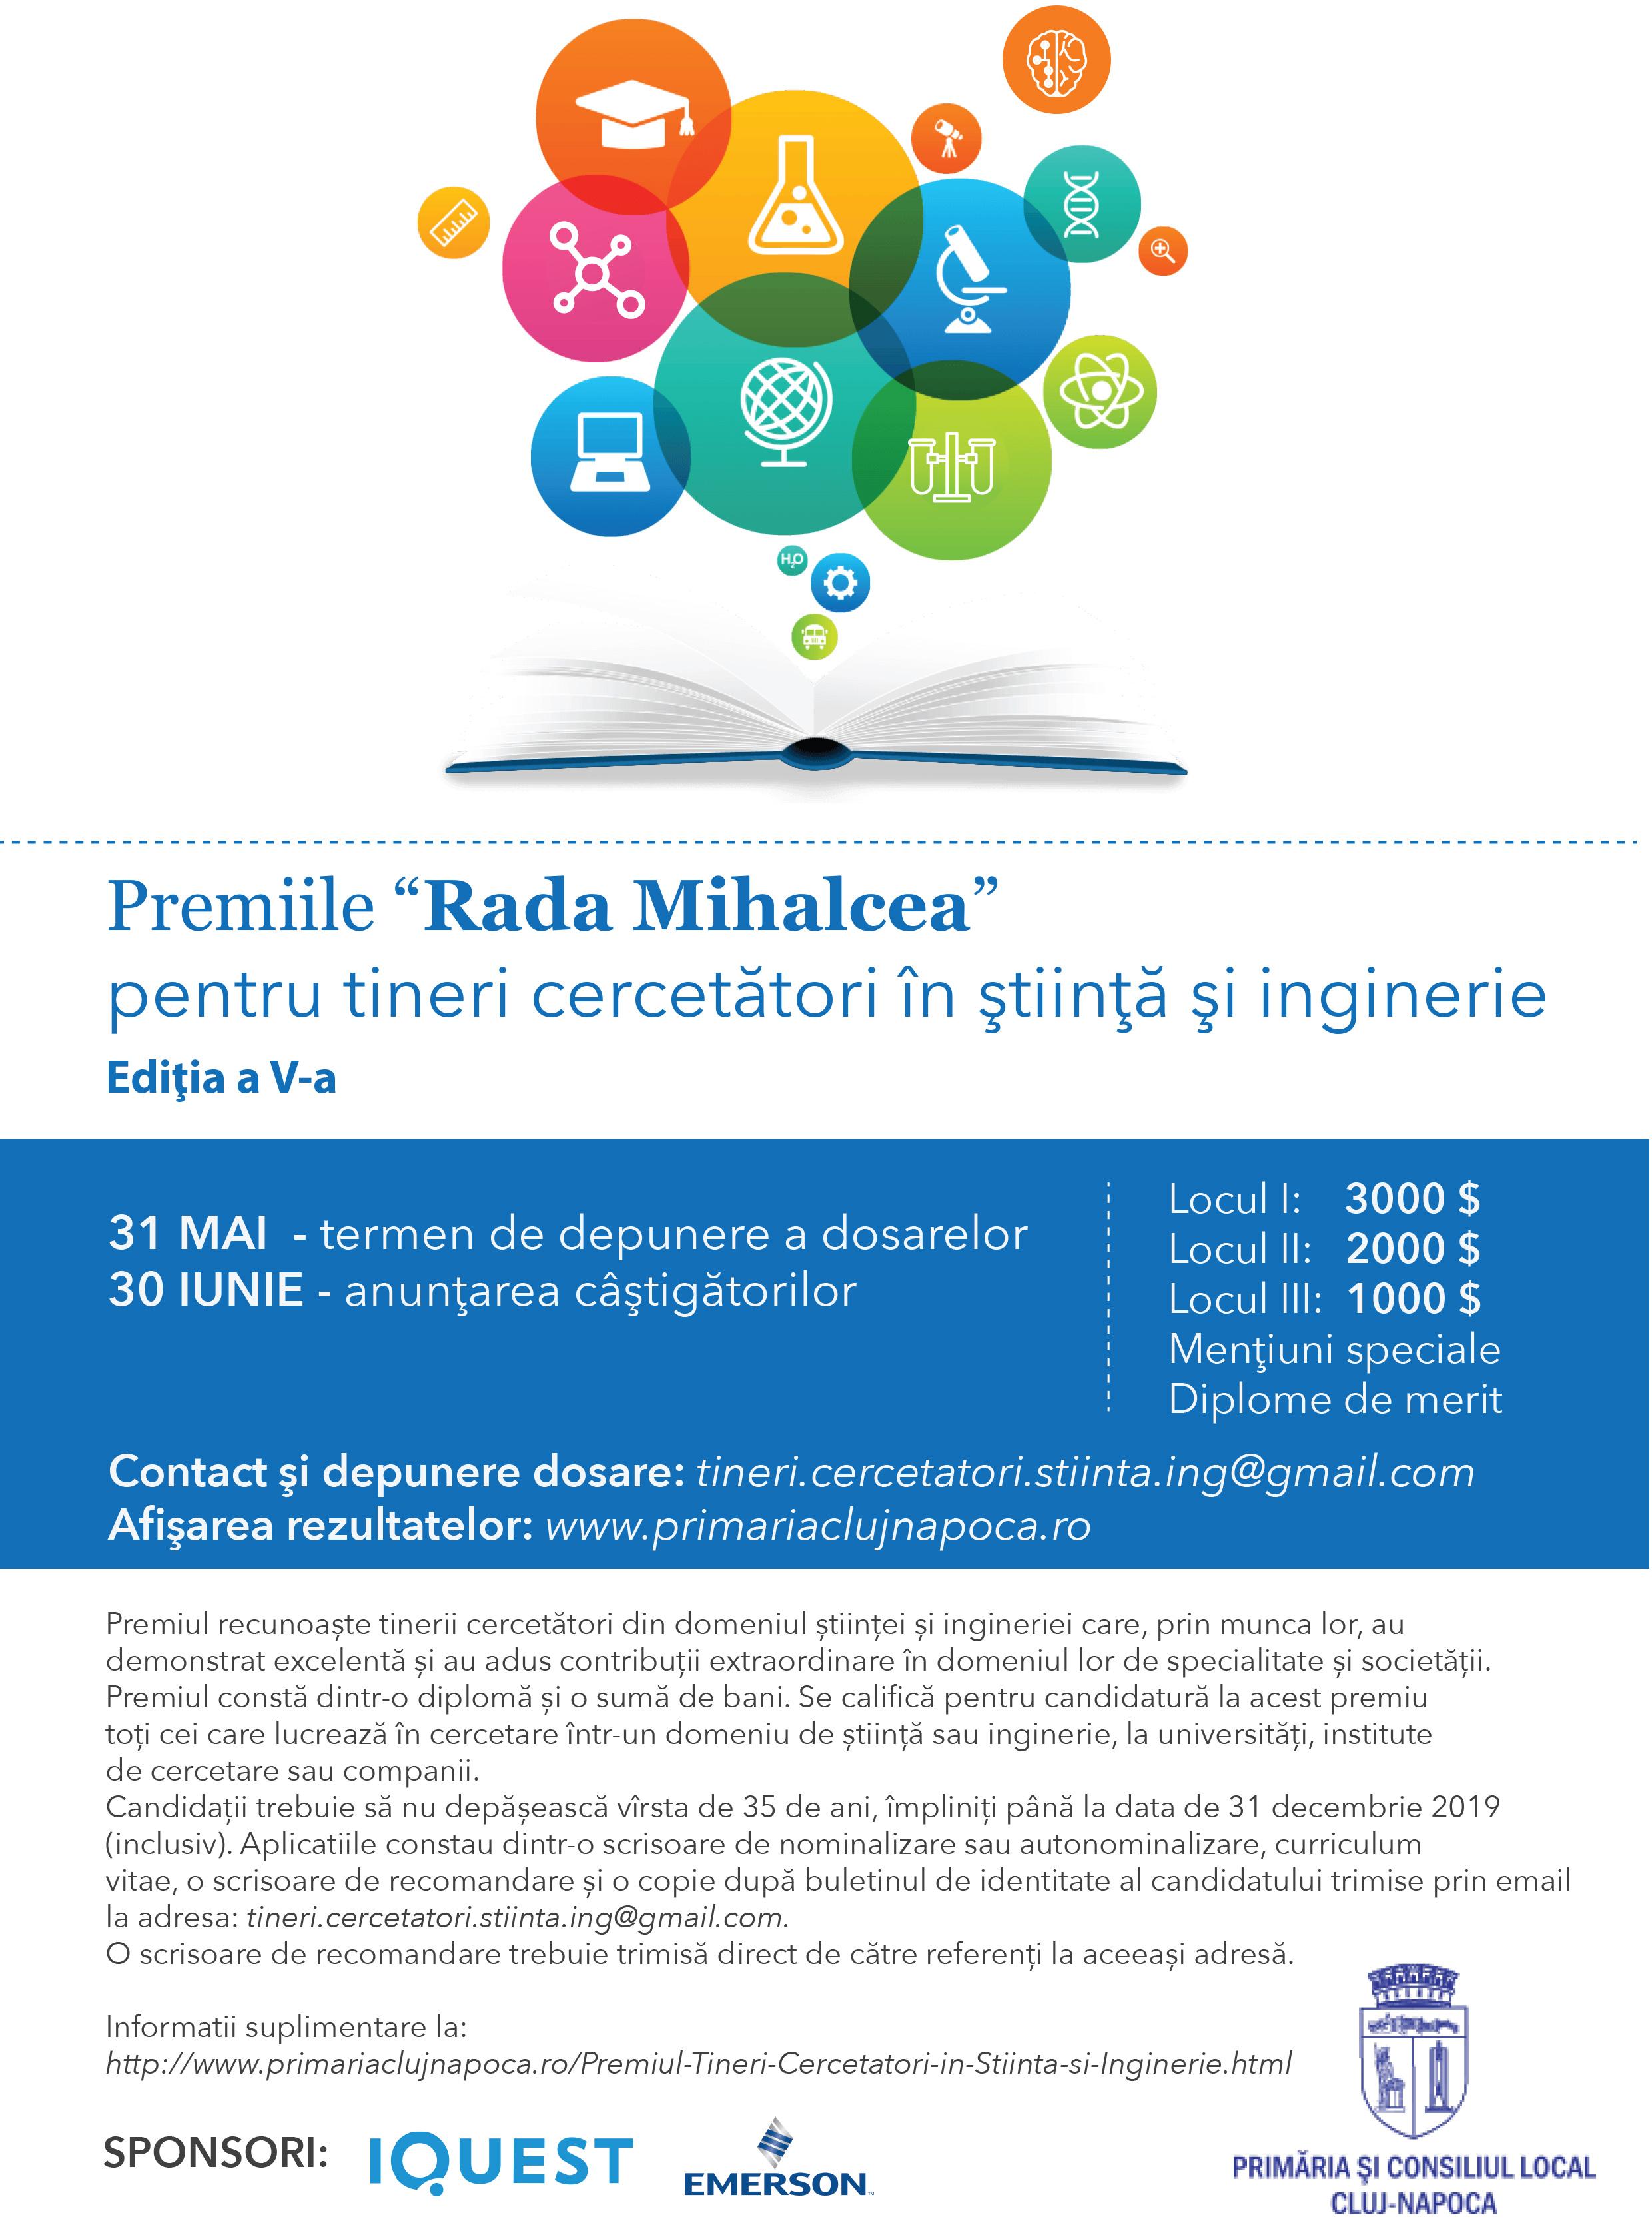 Premiile Rada Mihalcea pentru Tineri Cercetători în Știință și Inginerie, ediția a V-a